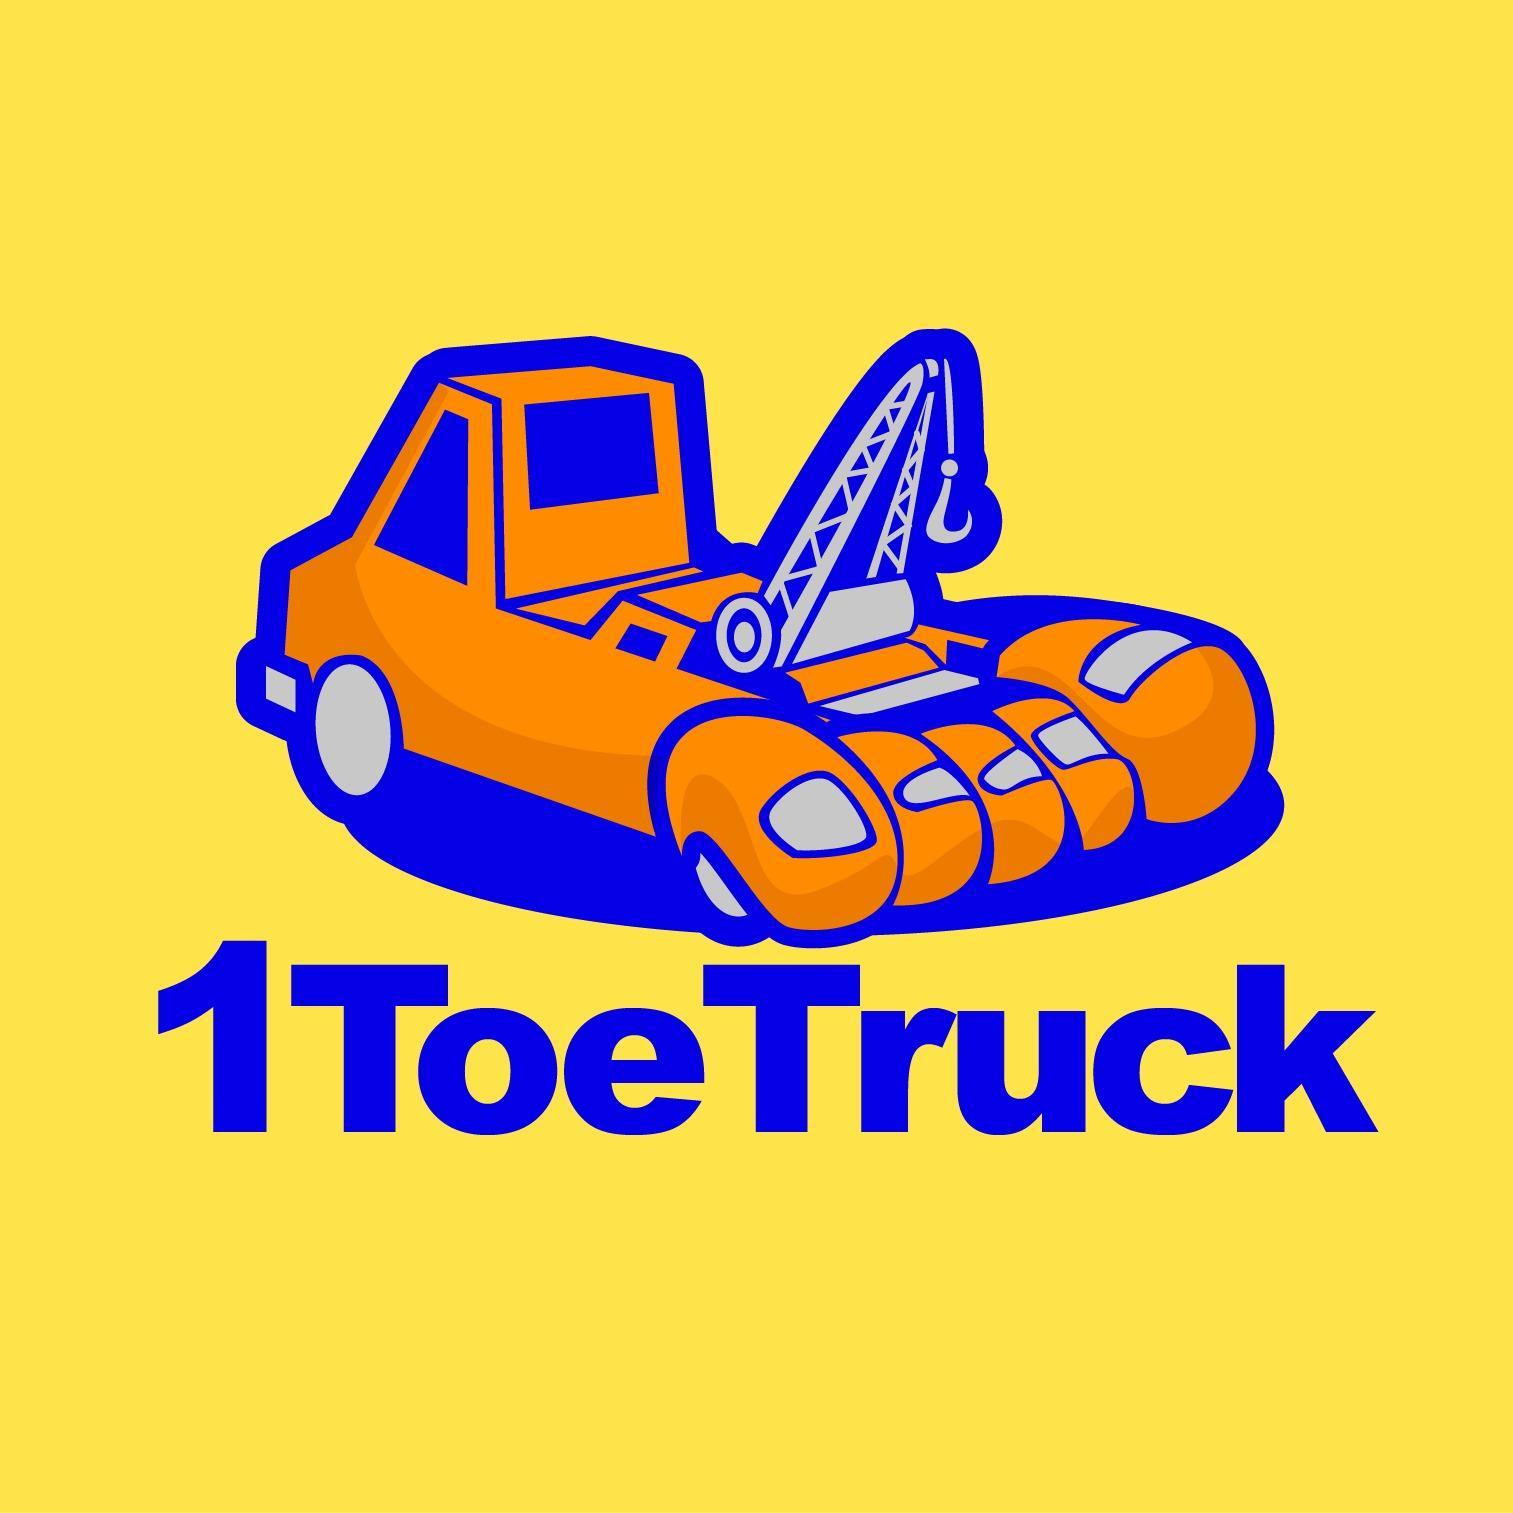 1 Toe Truck, LLC image 9